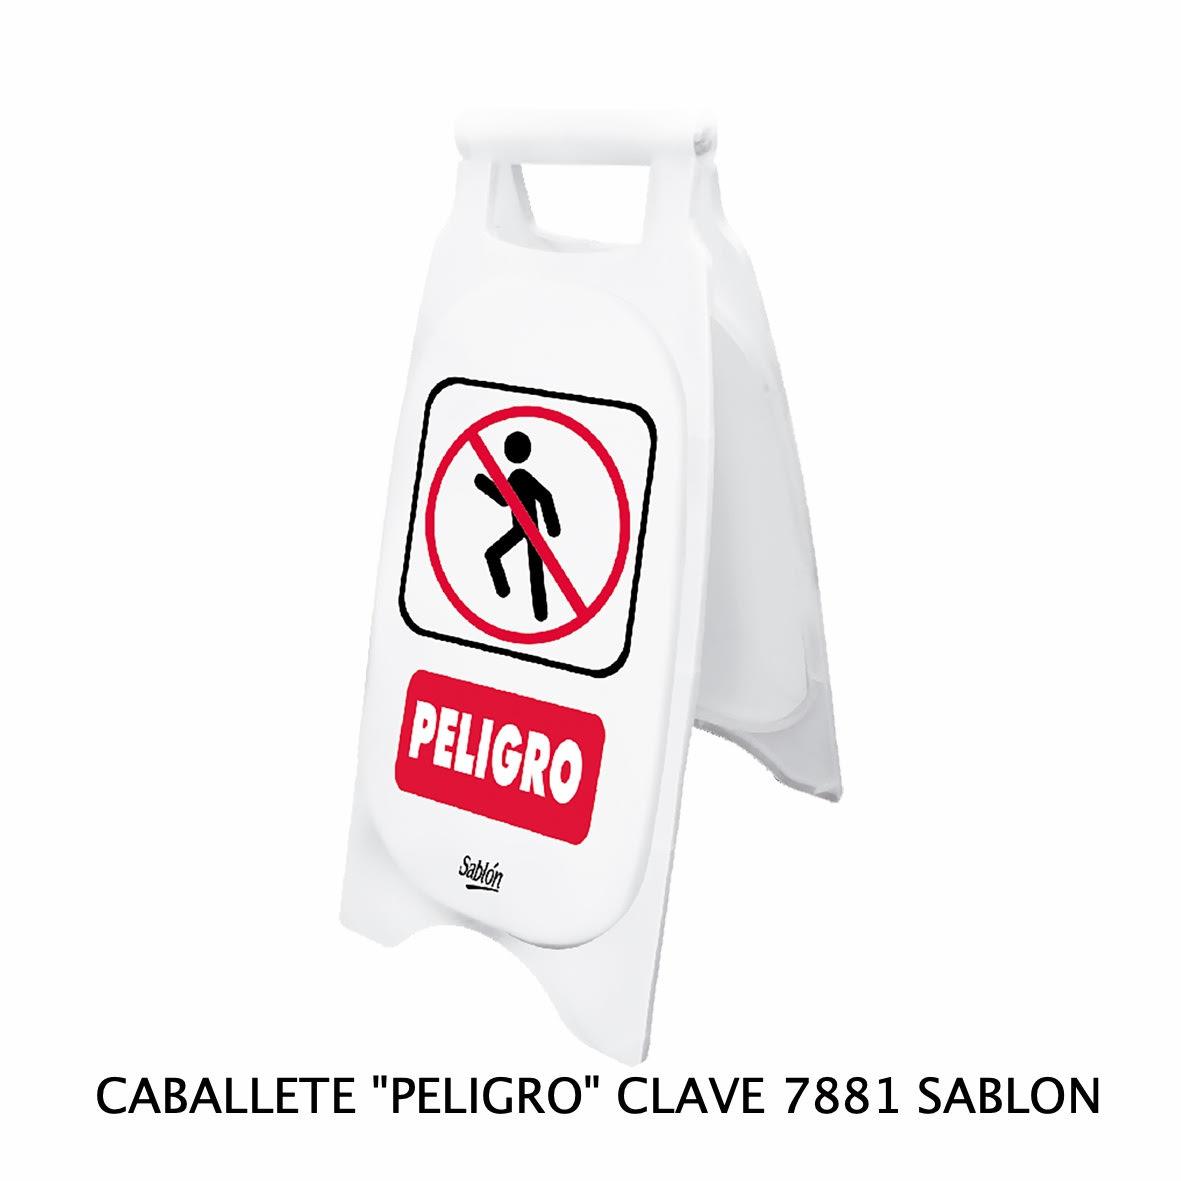 Caballete con señal PELIGRO Clave 7881 de Sablón